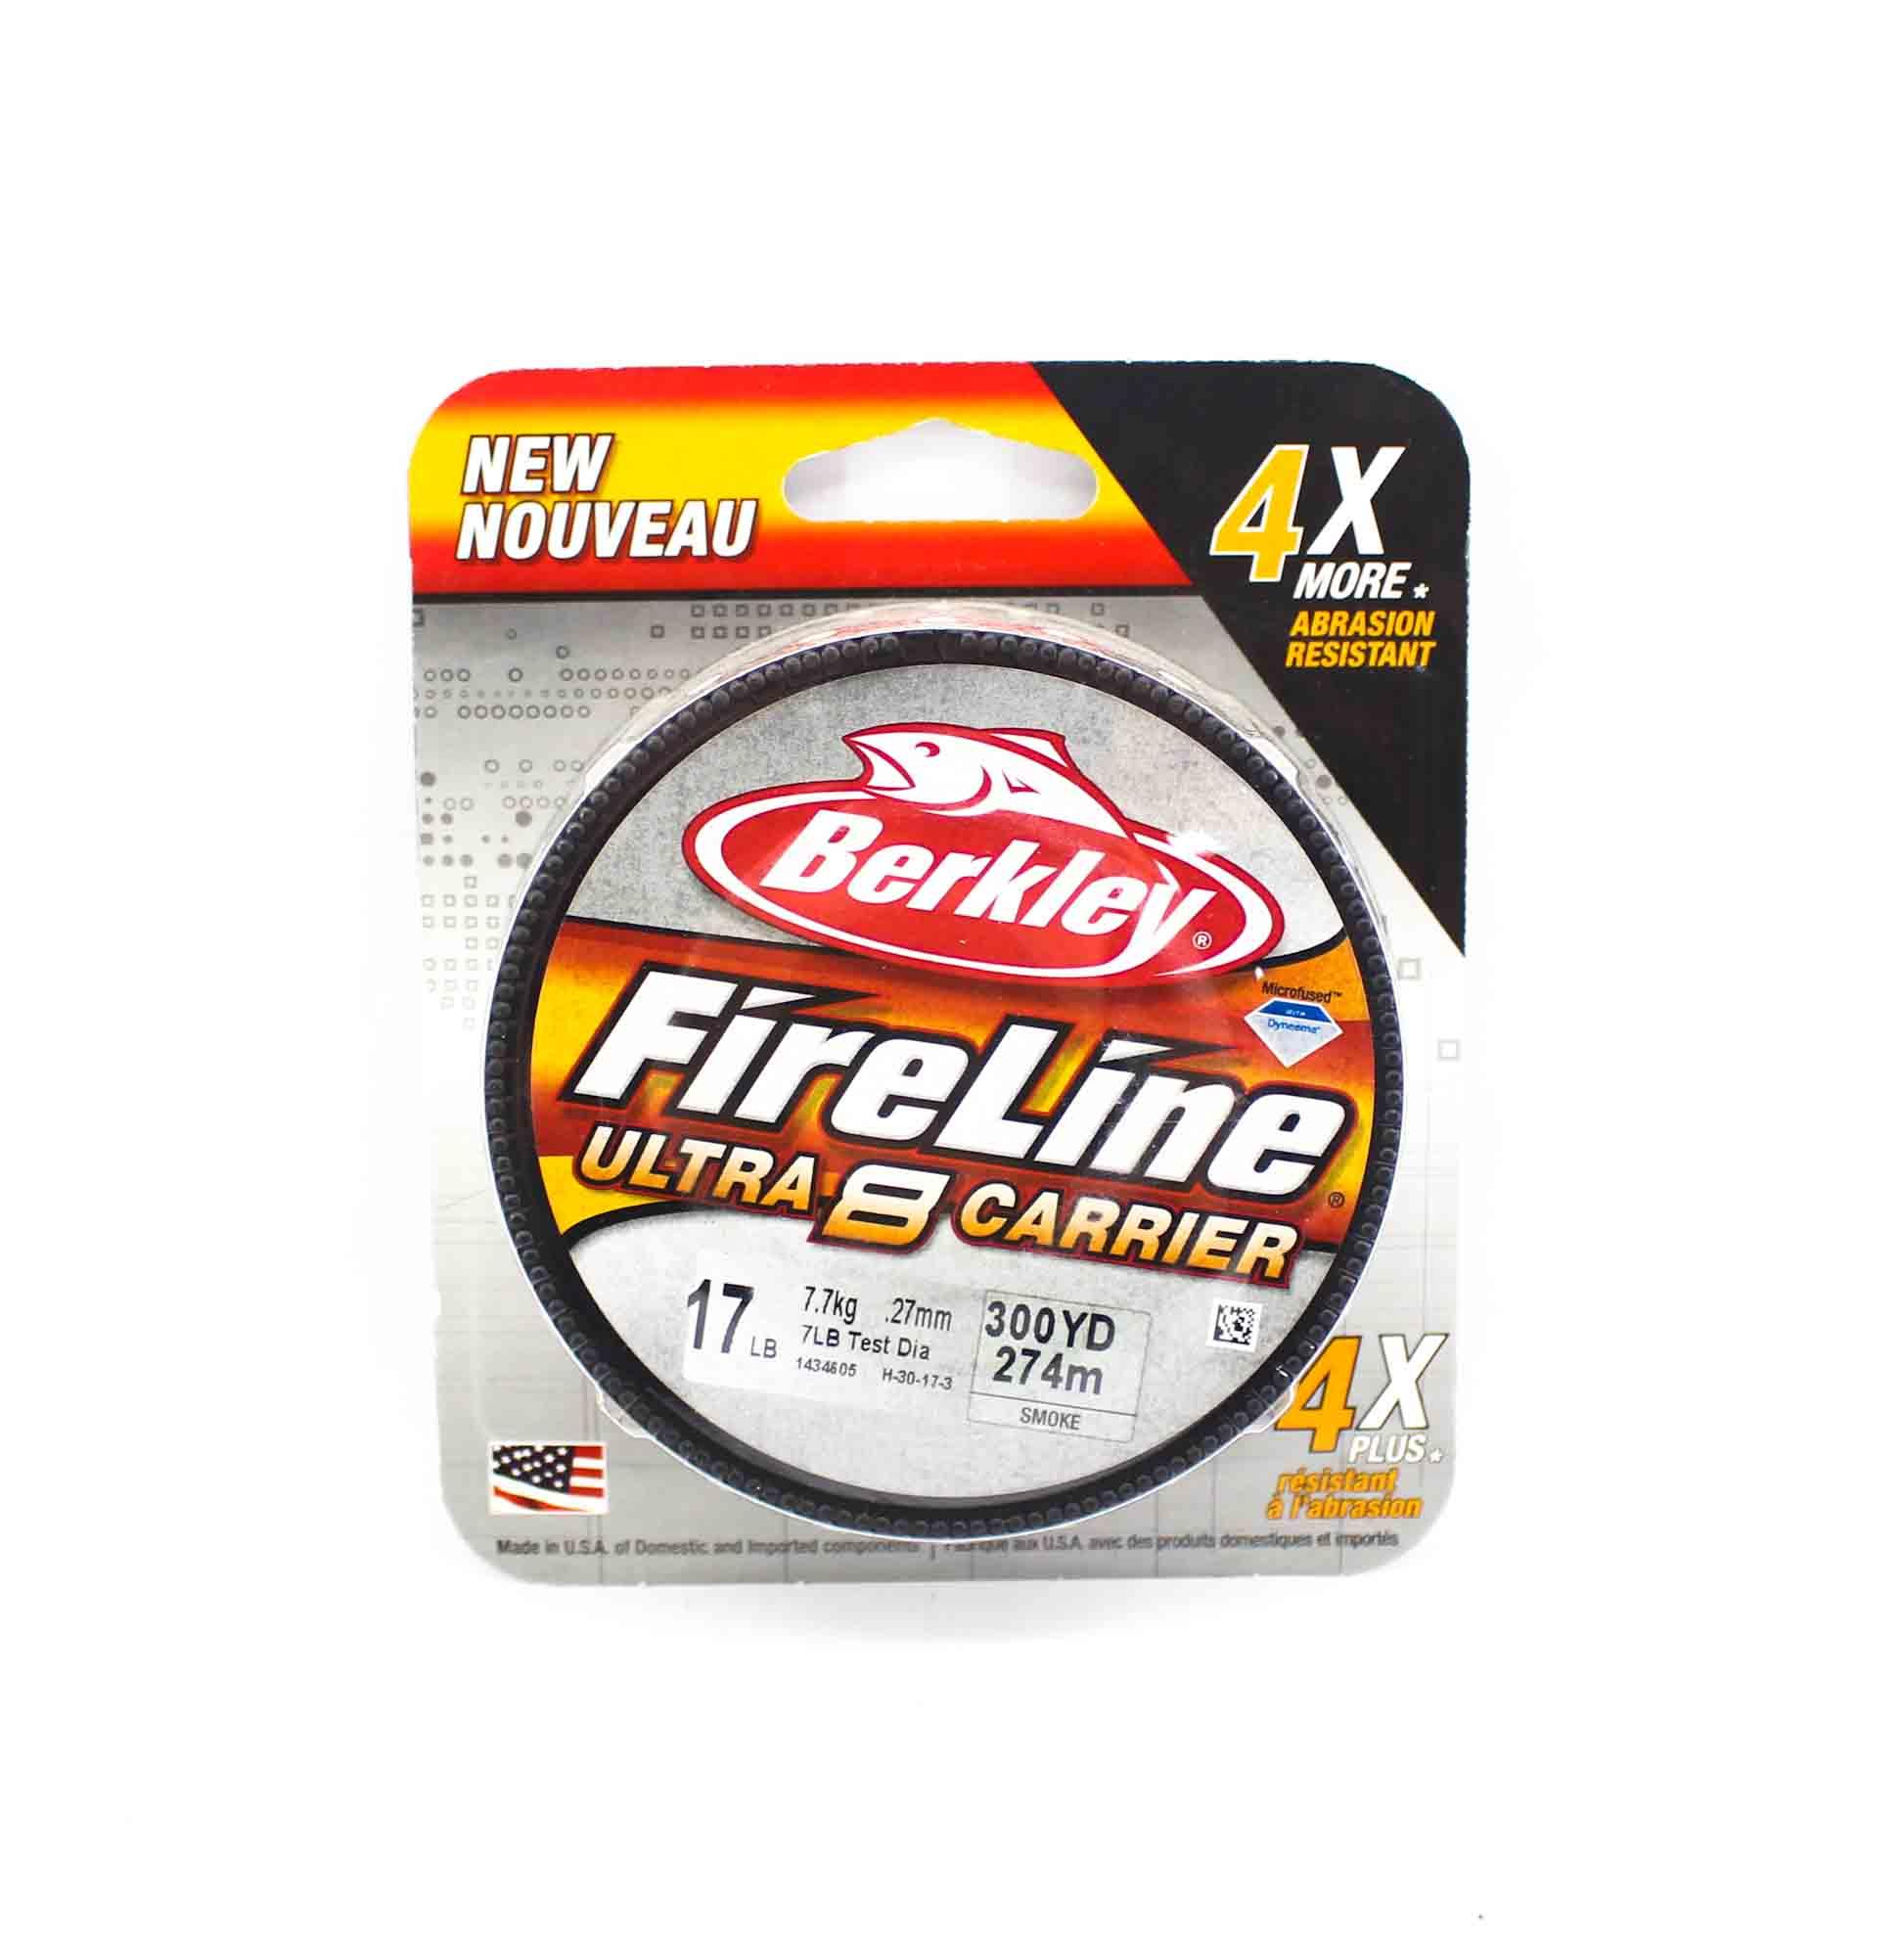 Berkley Fireline Ultra 8 Carrier 300yds 17lb Smoke (4816)